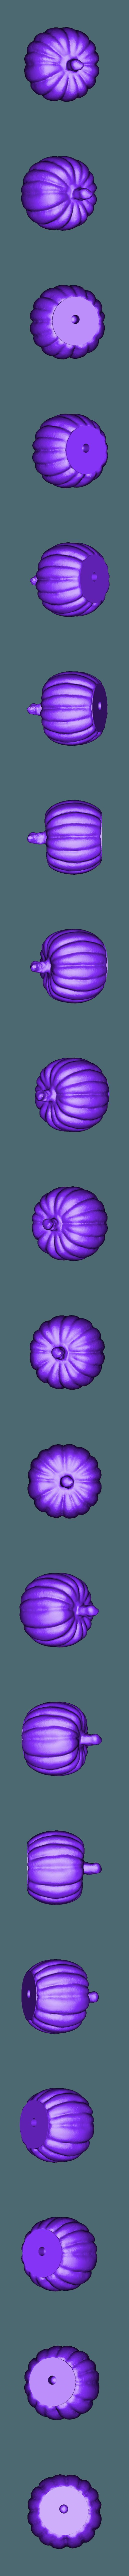 pumpkin.stl Download free STL file Pumpkin Lamp • 3D printer design, sui77